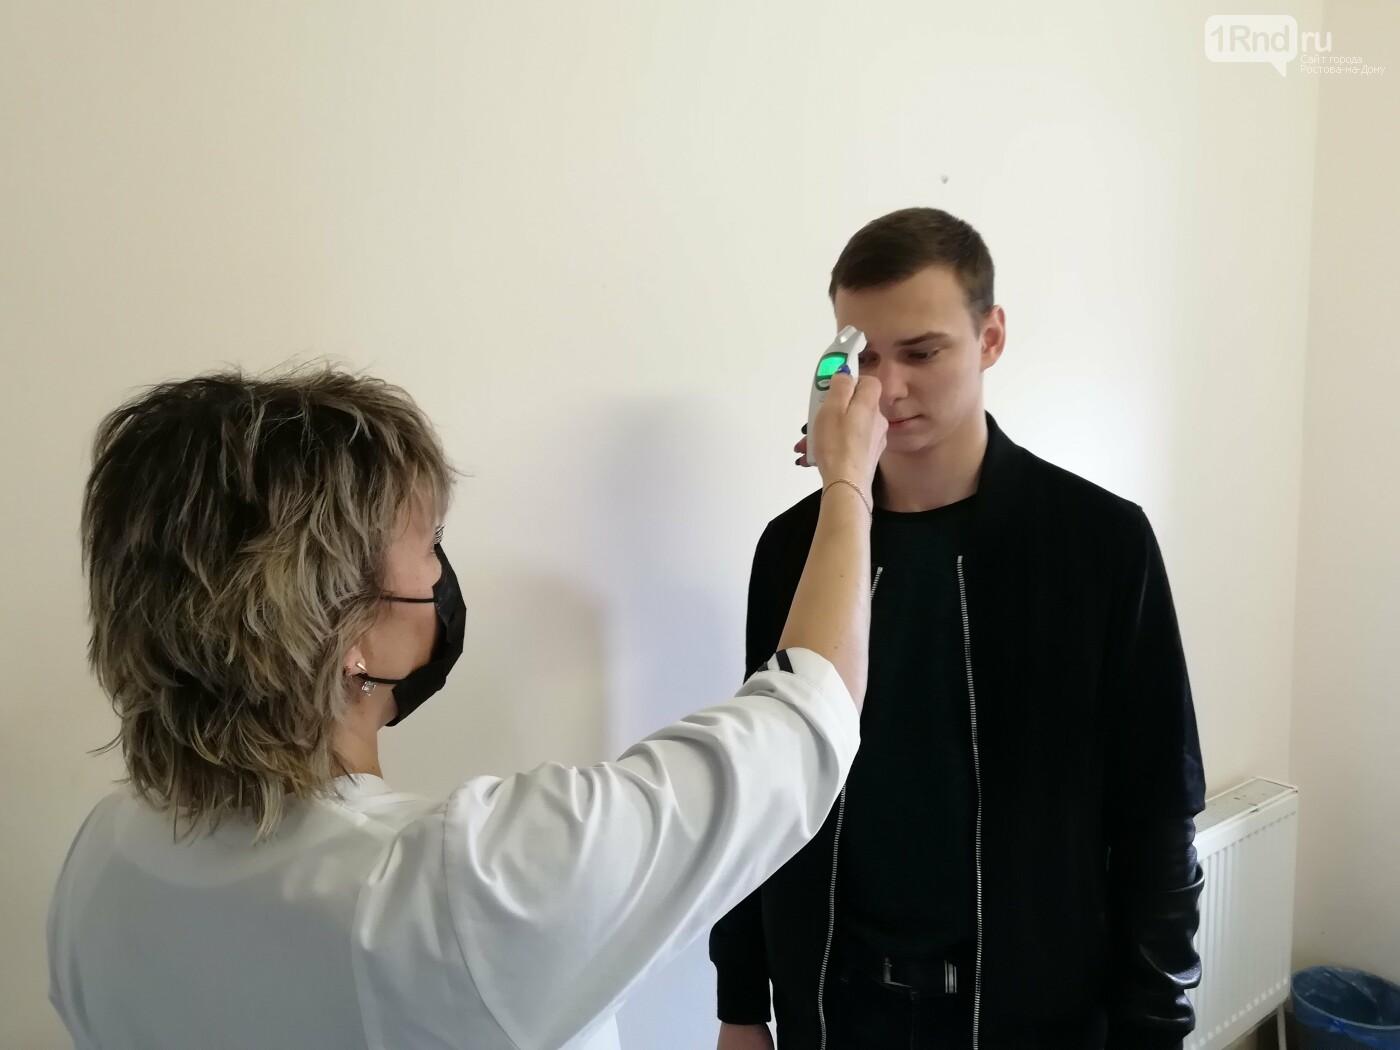 Медэксперты Ростовской области из-за коронавируса  будут ставить инвалидность заочно, фото-1